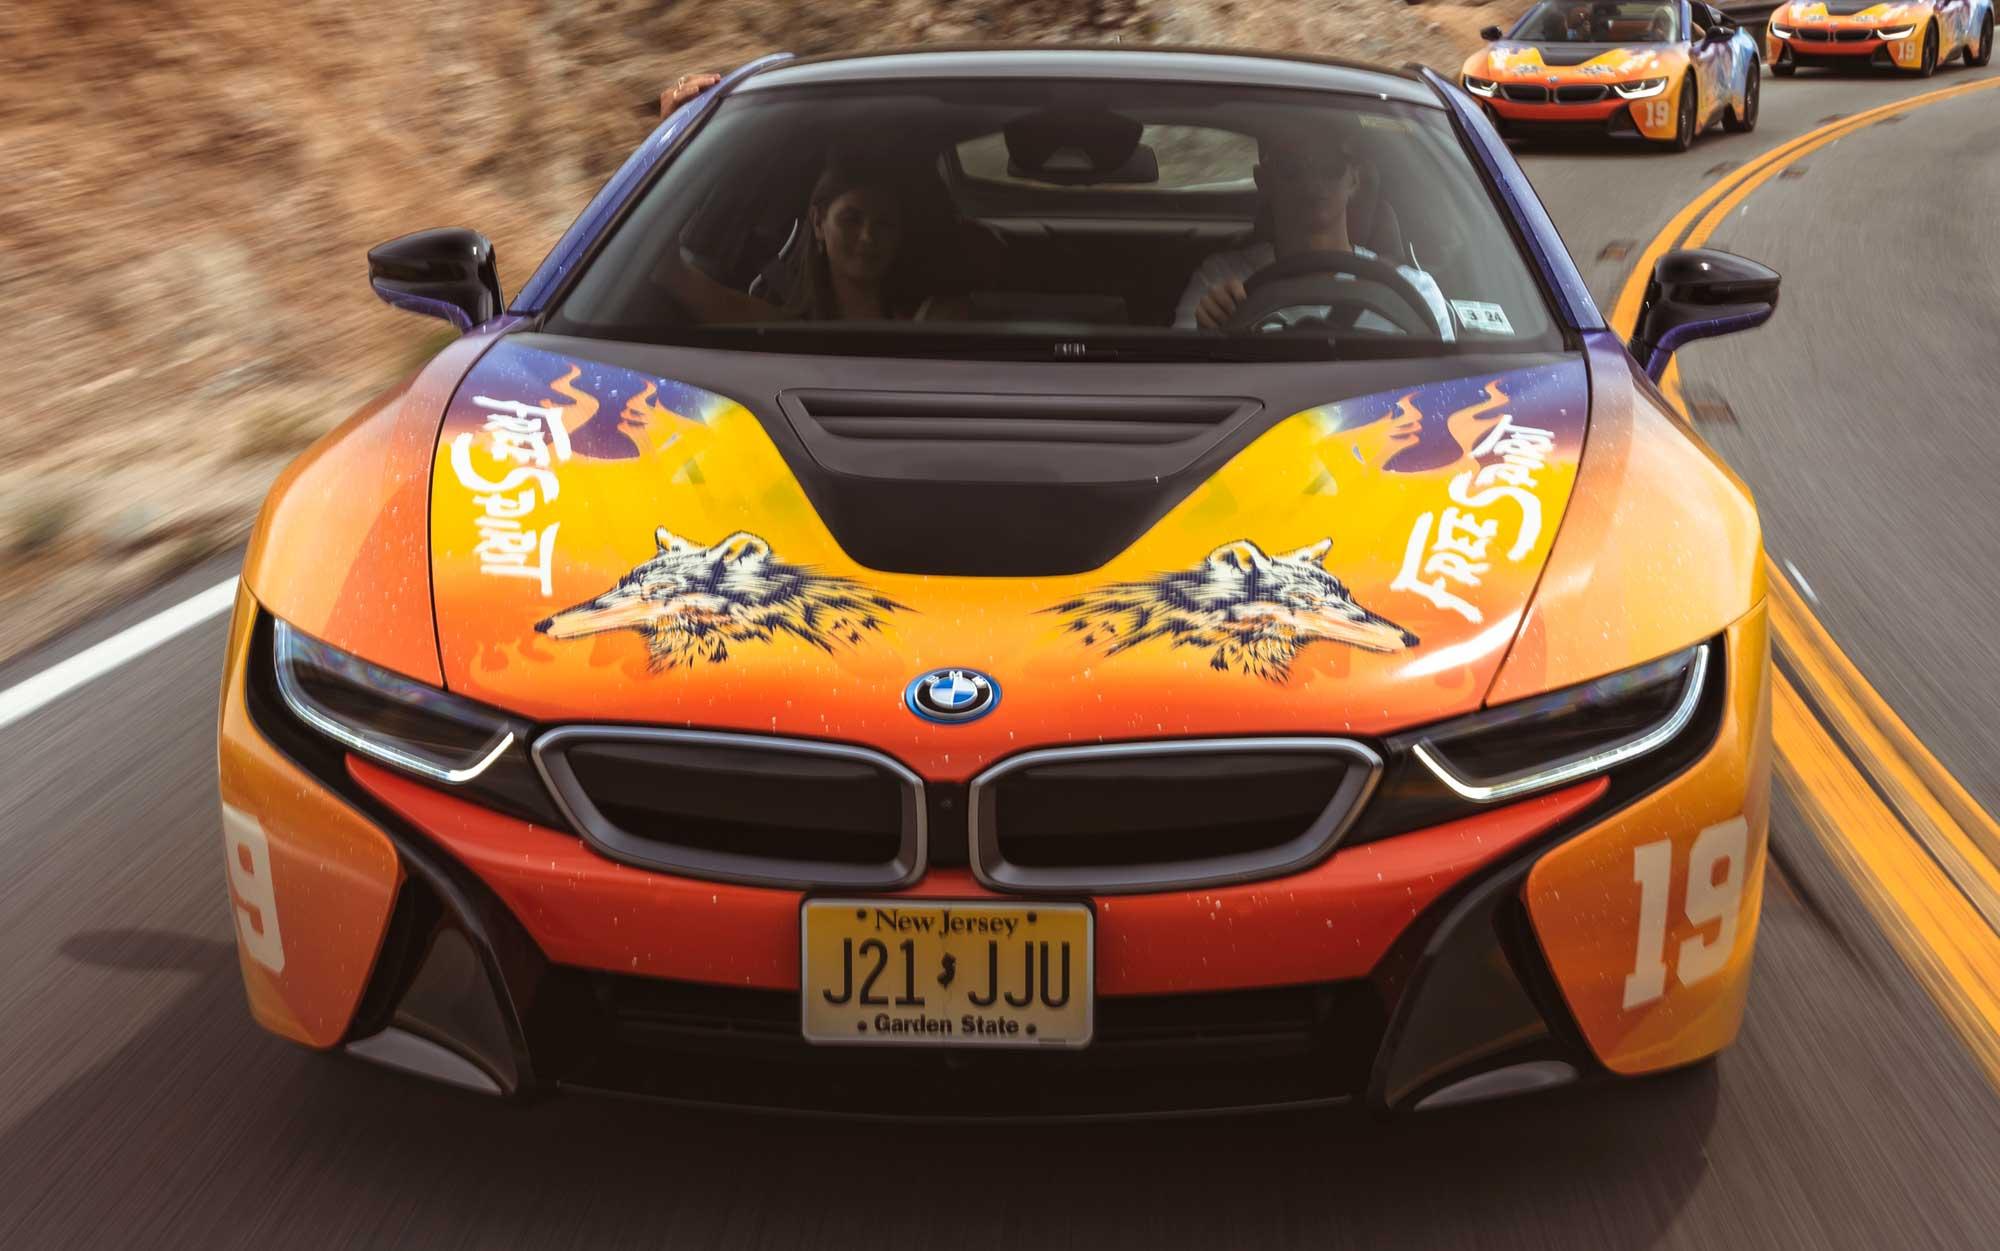 Festival de Música Coachella tem carro elétrico da BMW personalizado